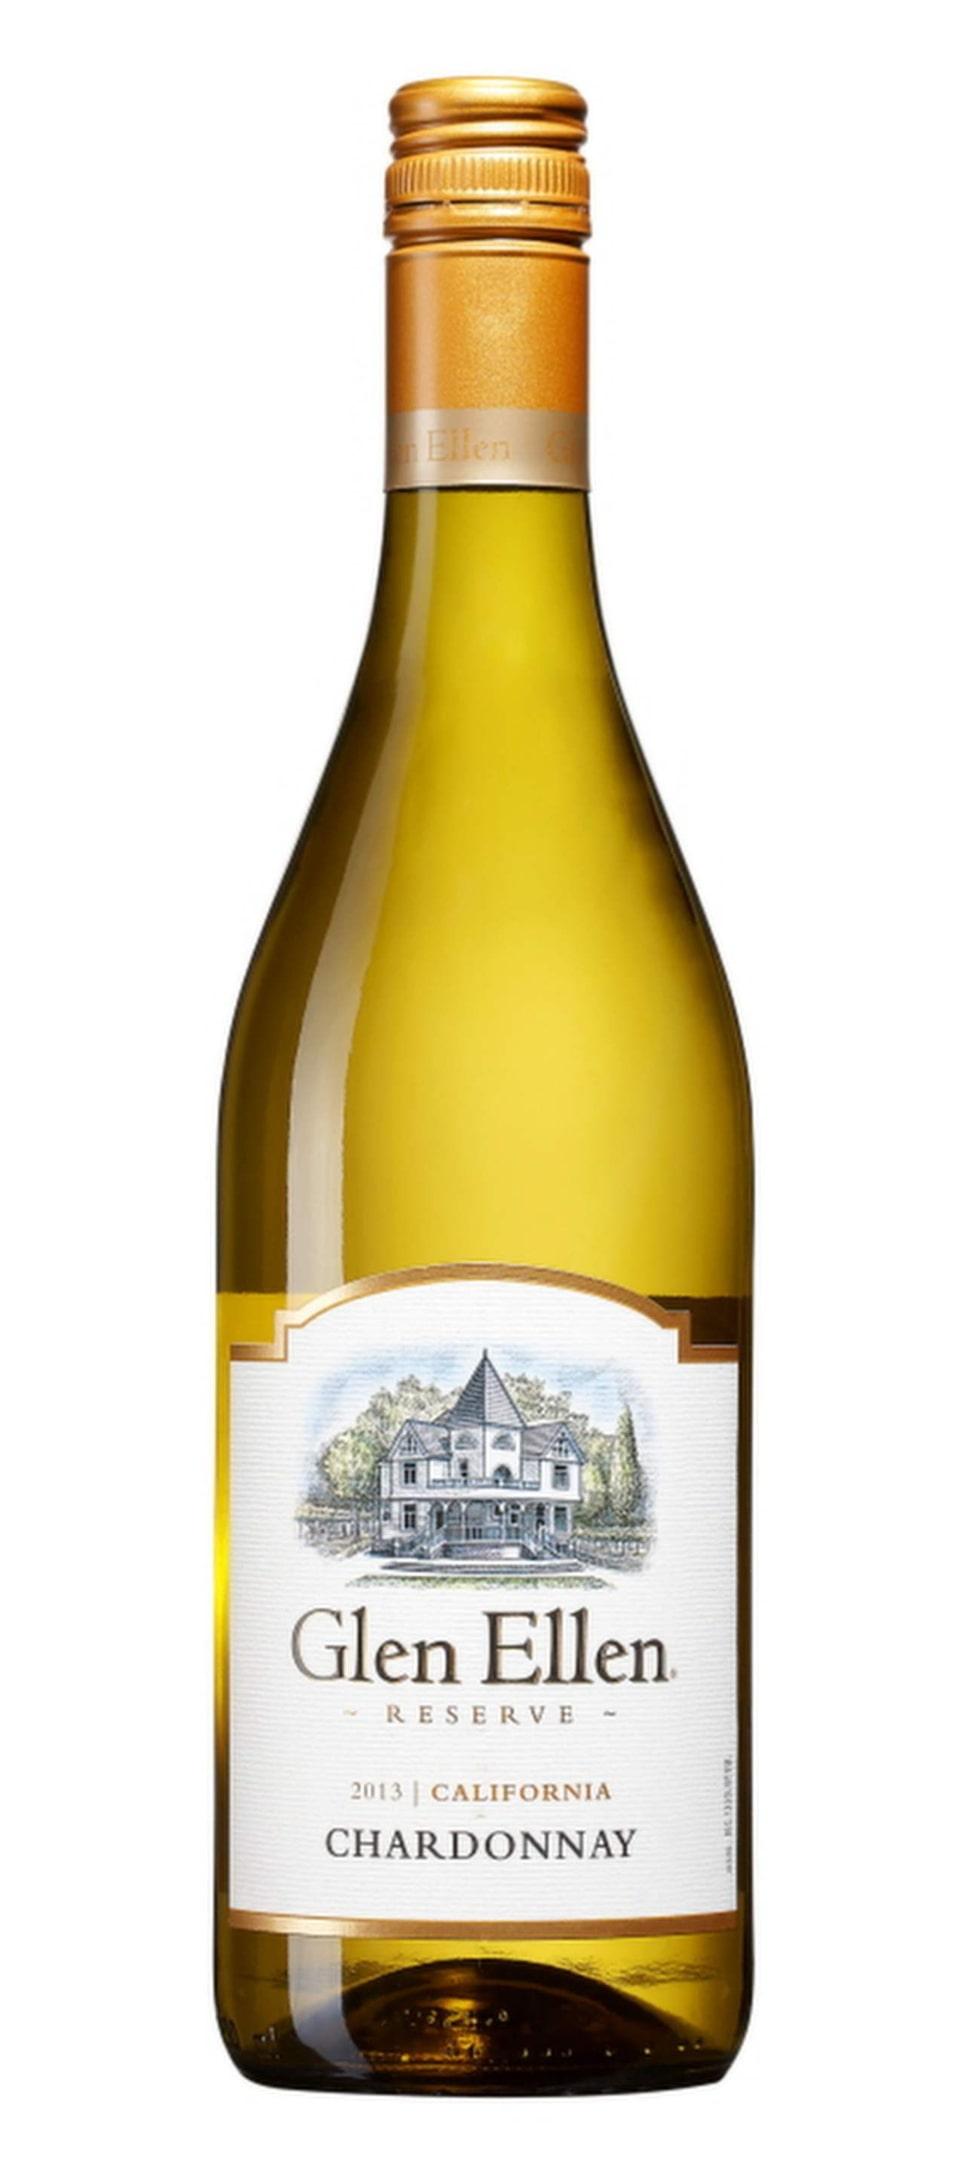 """Vitt vin<br><strong>Concannon Glen Ellen Chardonnay Reserve 2013</strong><br>(7046) USA, 61 kronor<br>Smakrikt och avrundat med toner av ananas, vanilj och citrus. Till en ljummen laxsallad med krämig citrondressing.<br><exp:icon type=""""wasp""""></exp:icon><exp:icon type=""""wasp""""></exp:icon><exp:icon type=""""wasp""""></exp:icon><exp:icon type=""""wasp""""></exp:icon><exp:icon type=""""wasp""""></exp:icon>"""